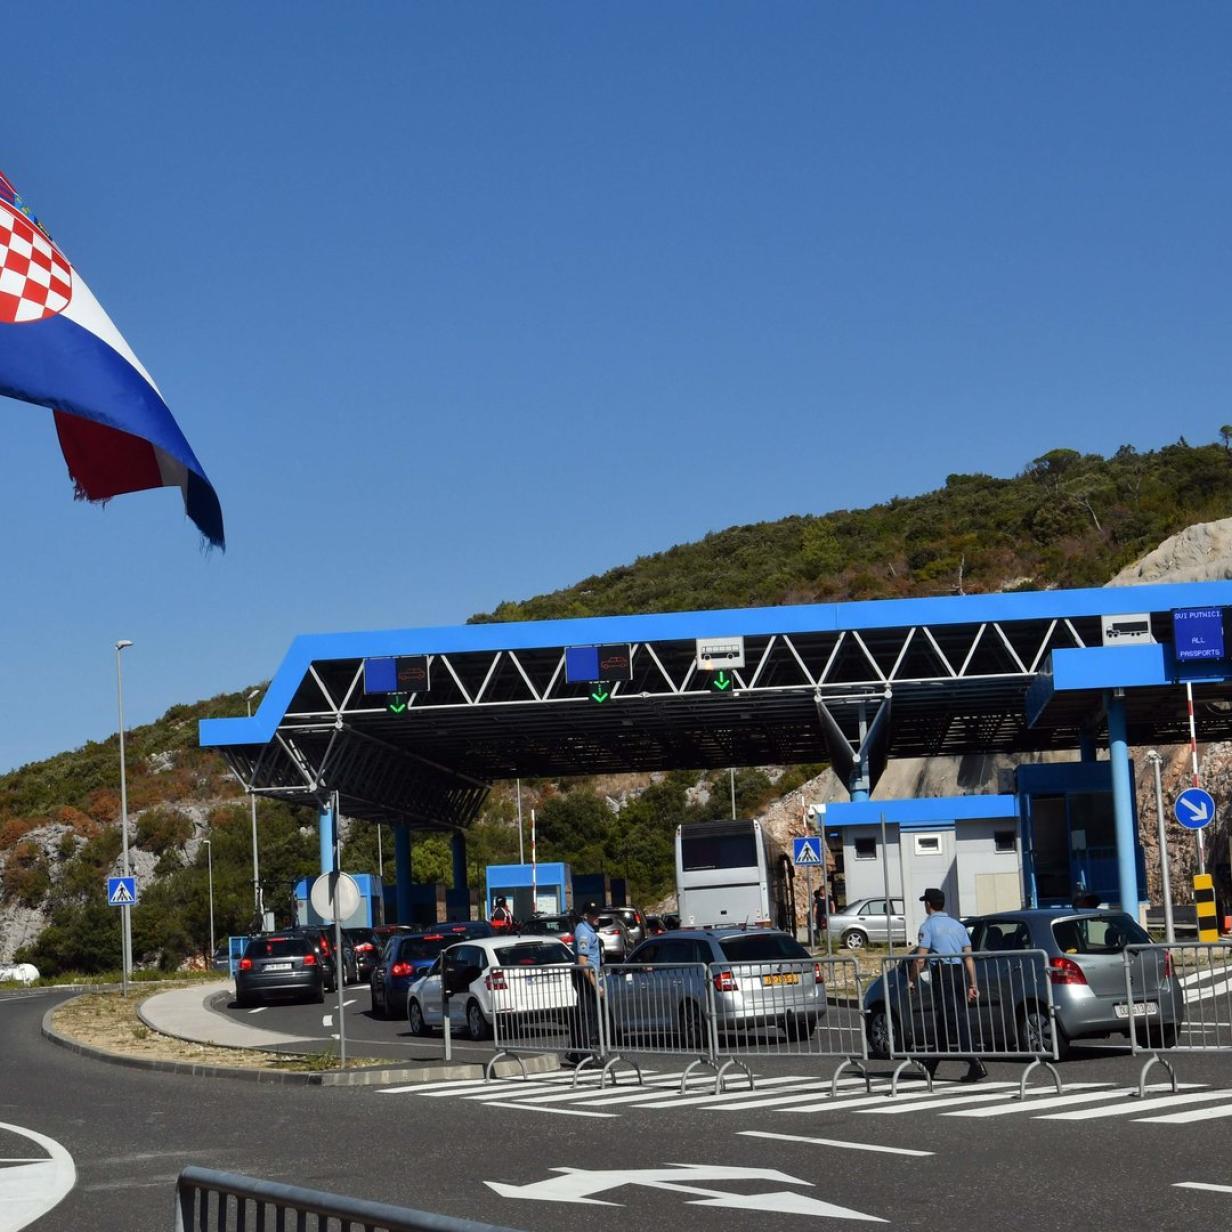 EU-Kommission gibt grünes Licht für Schengen-Beitritt Kroatiens